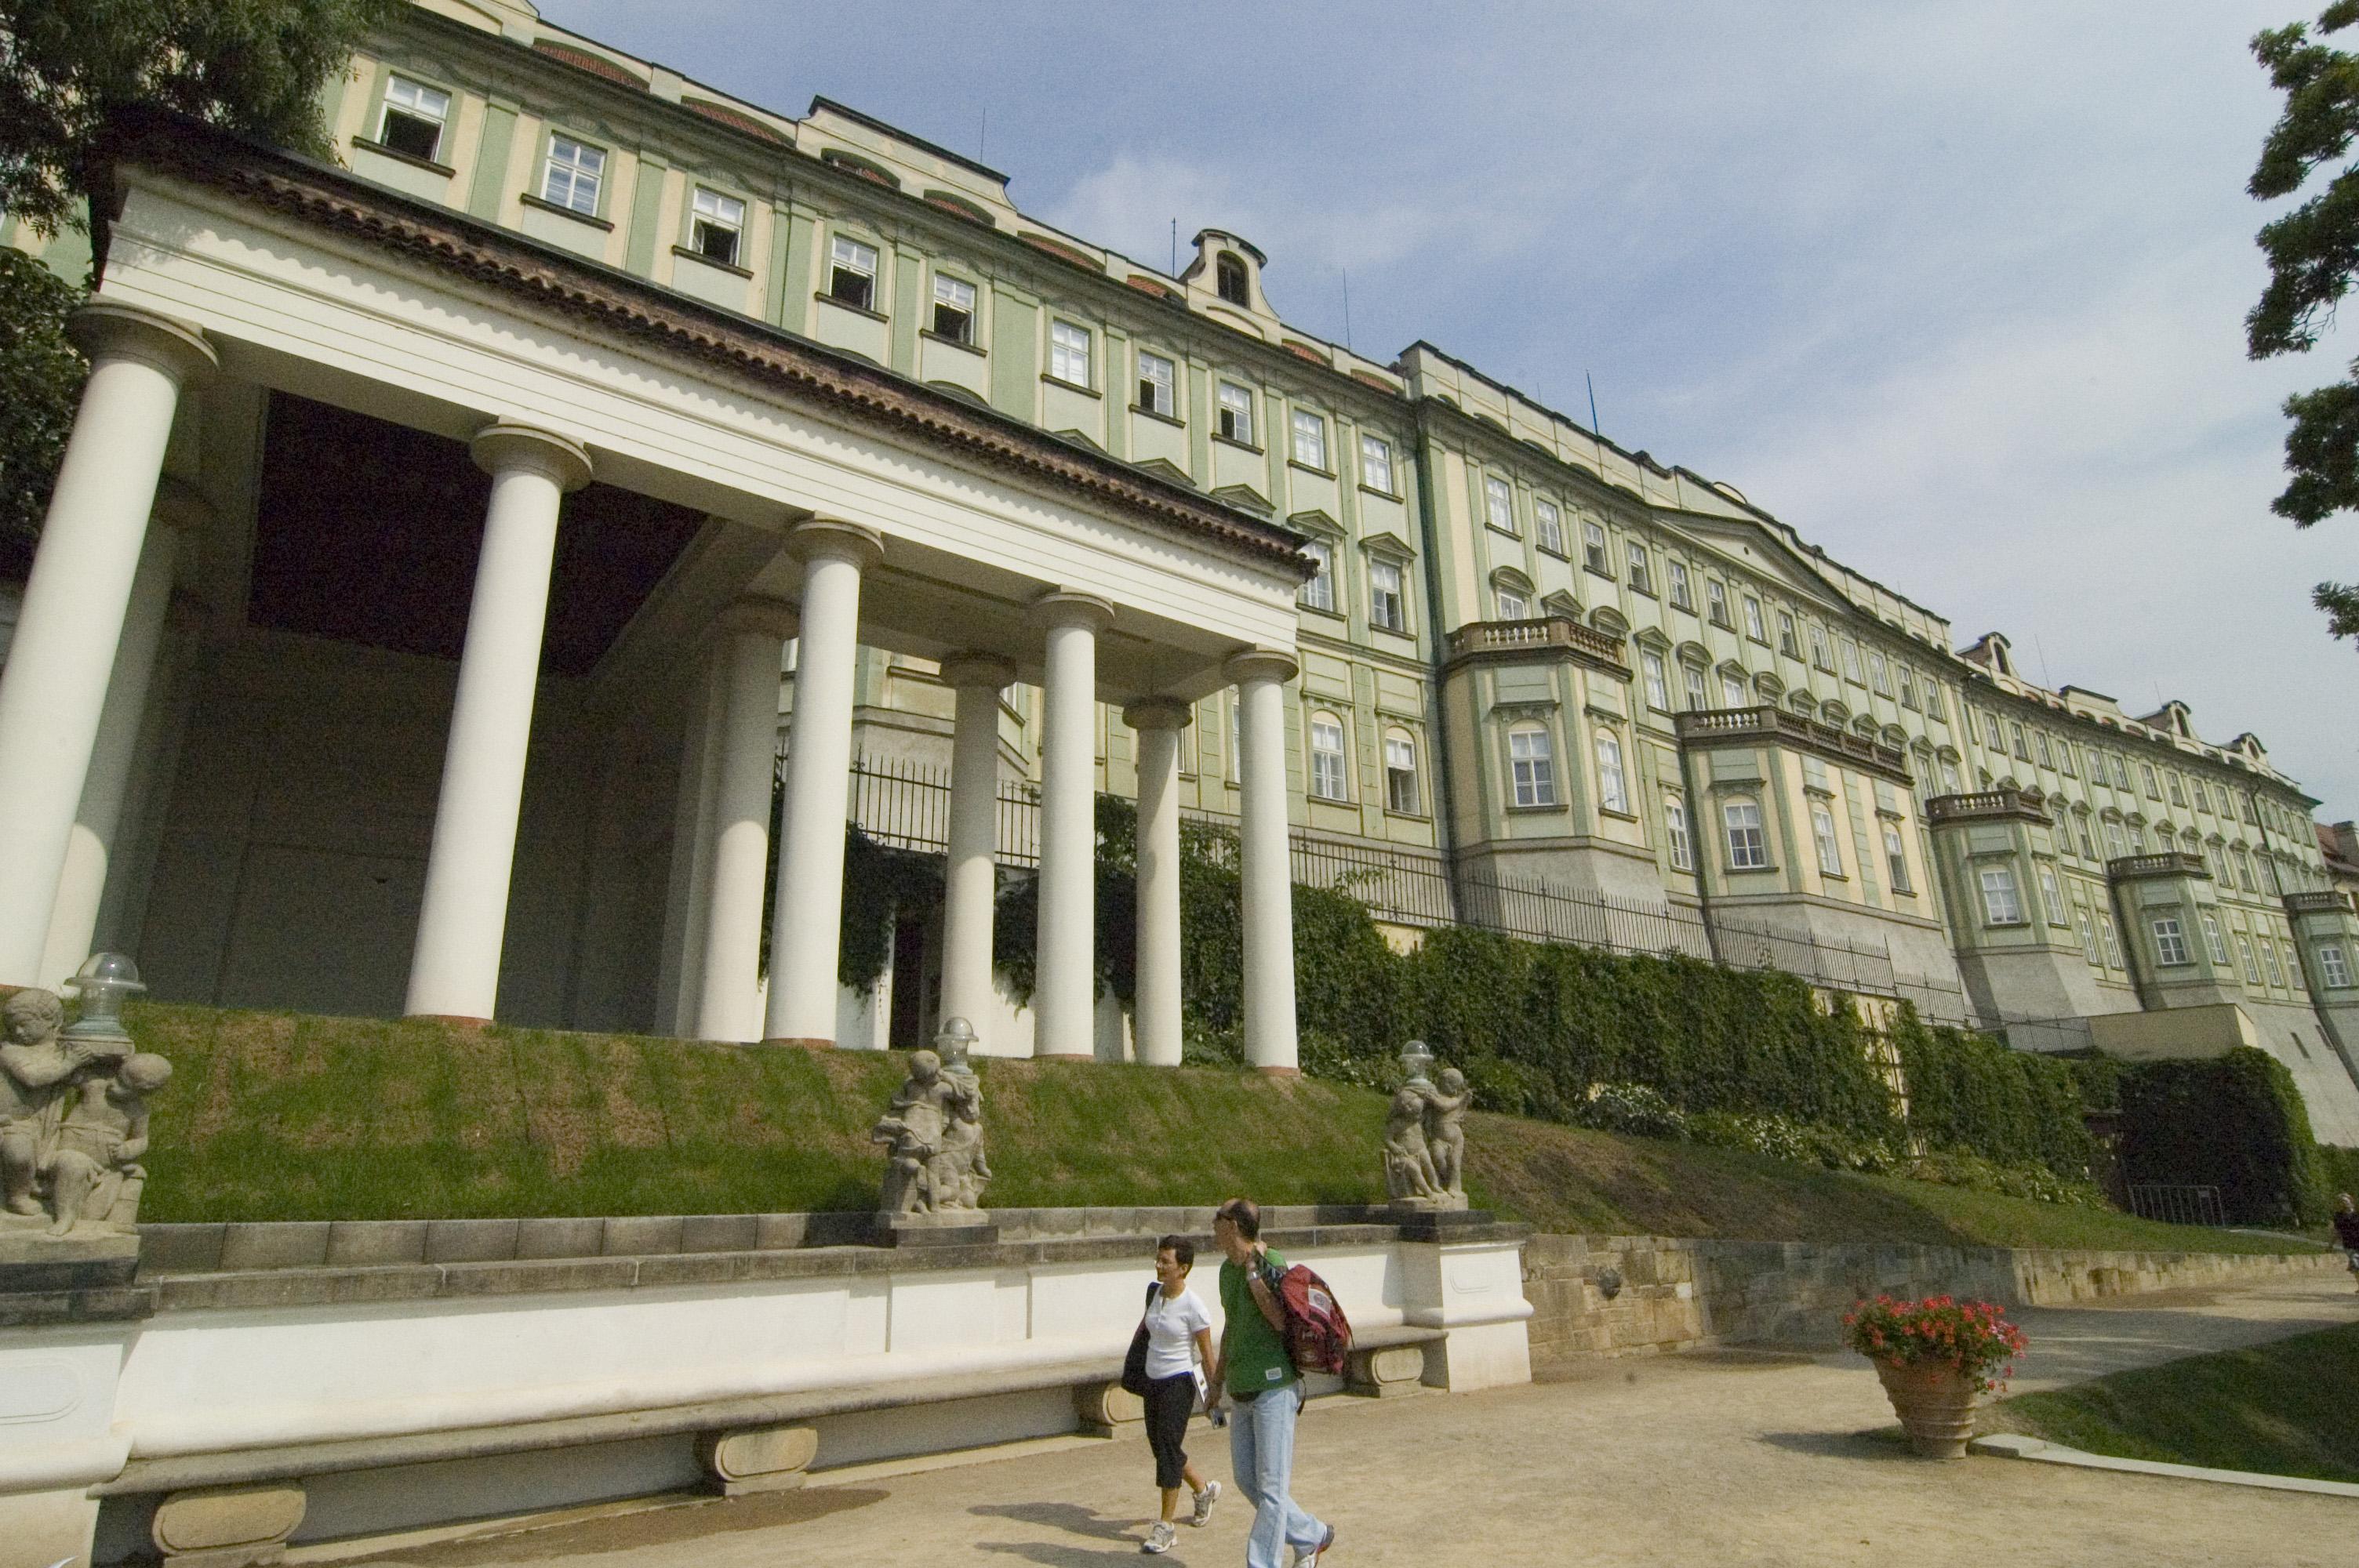 Дворец Благородных Девиц в Праге